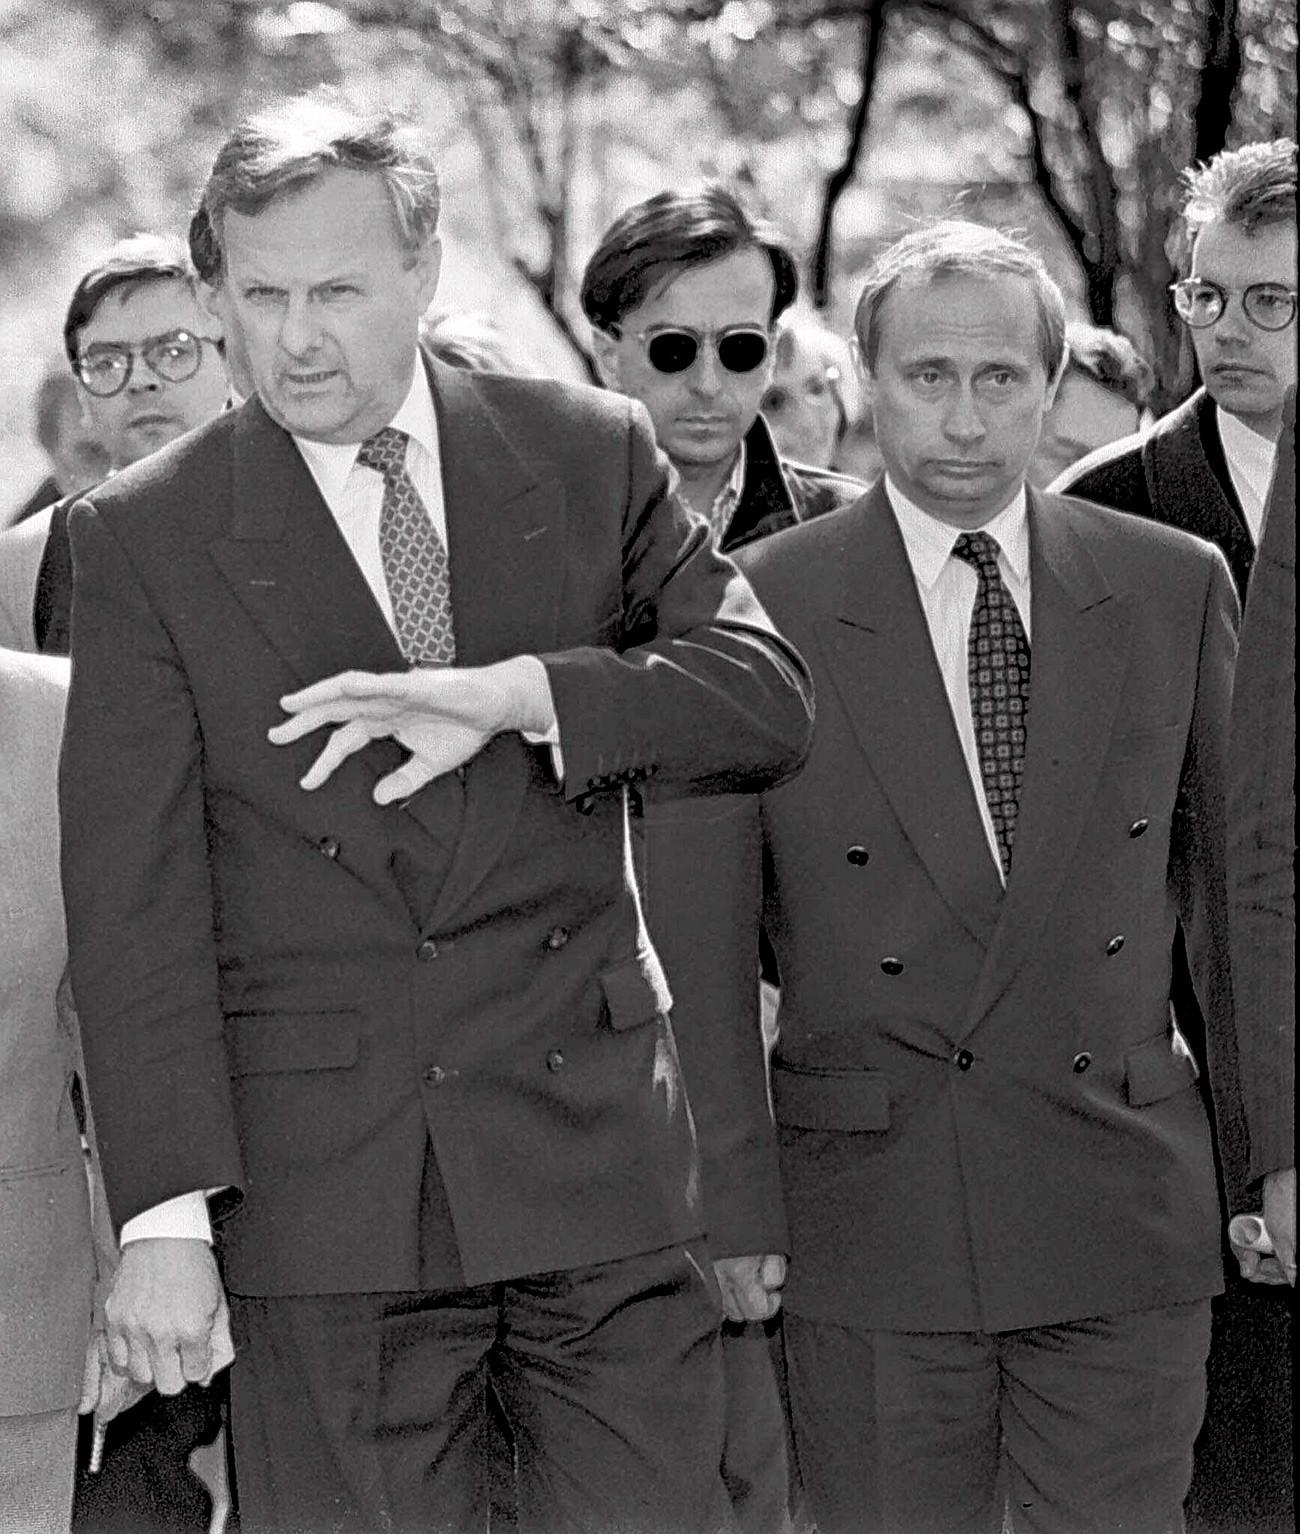 Anatolij Sopčak, gradonačelnik Sankt-Peterburga (lijevo), s Vladimirom Putinom, zamjenikom gradonačelnika, u Sankt-Peterburgu na fotografiji iz 1994. godine.